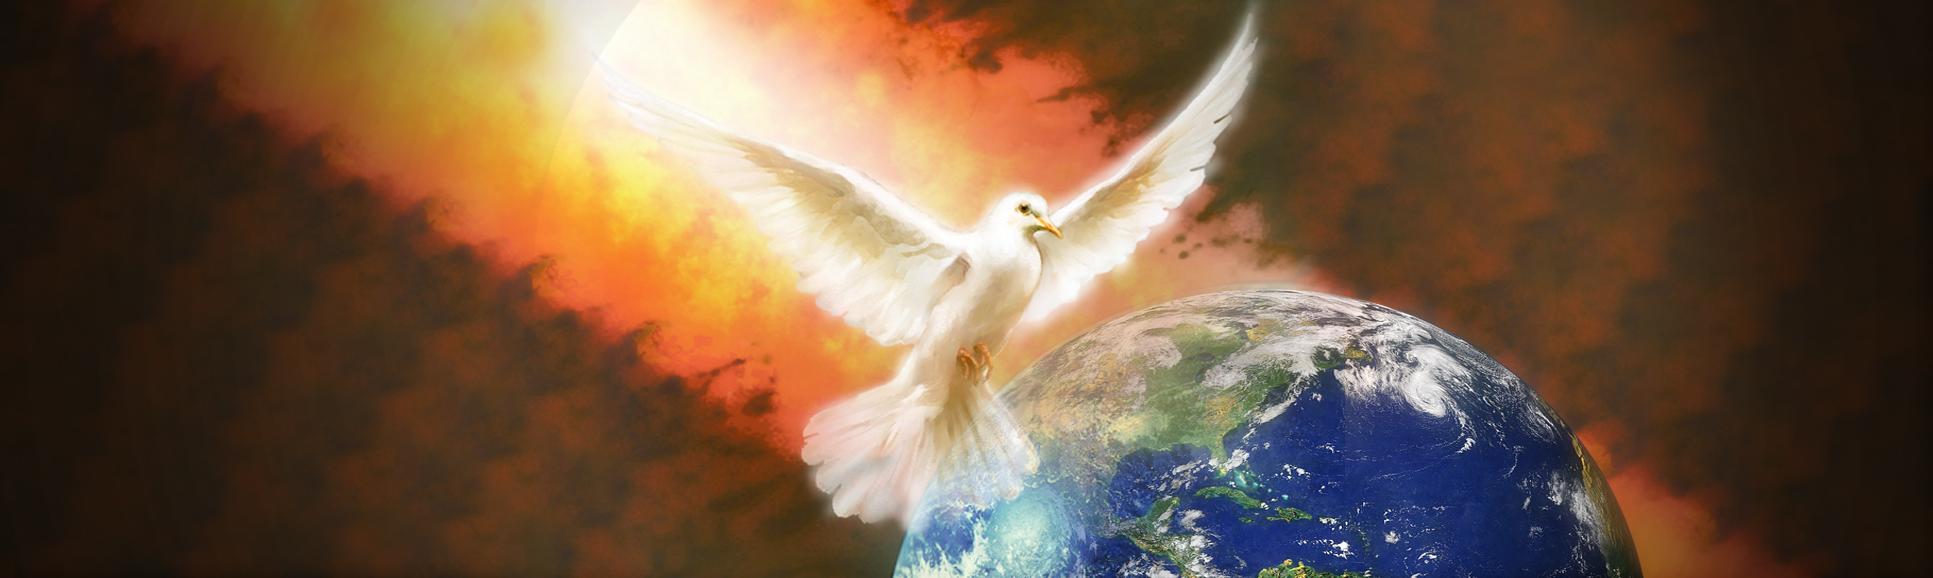 HSLI - HOLY SPIRIT LEARNING INSTITUTE